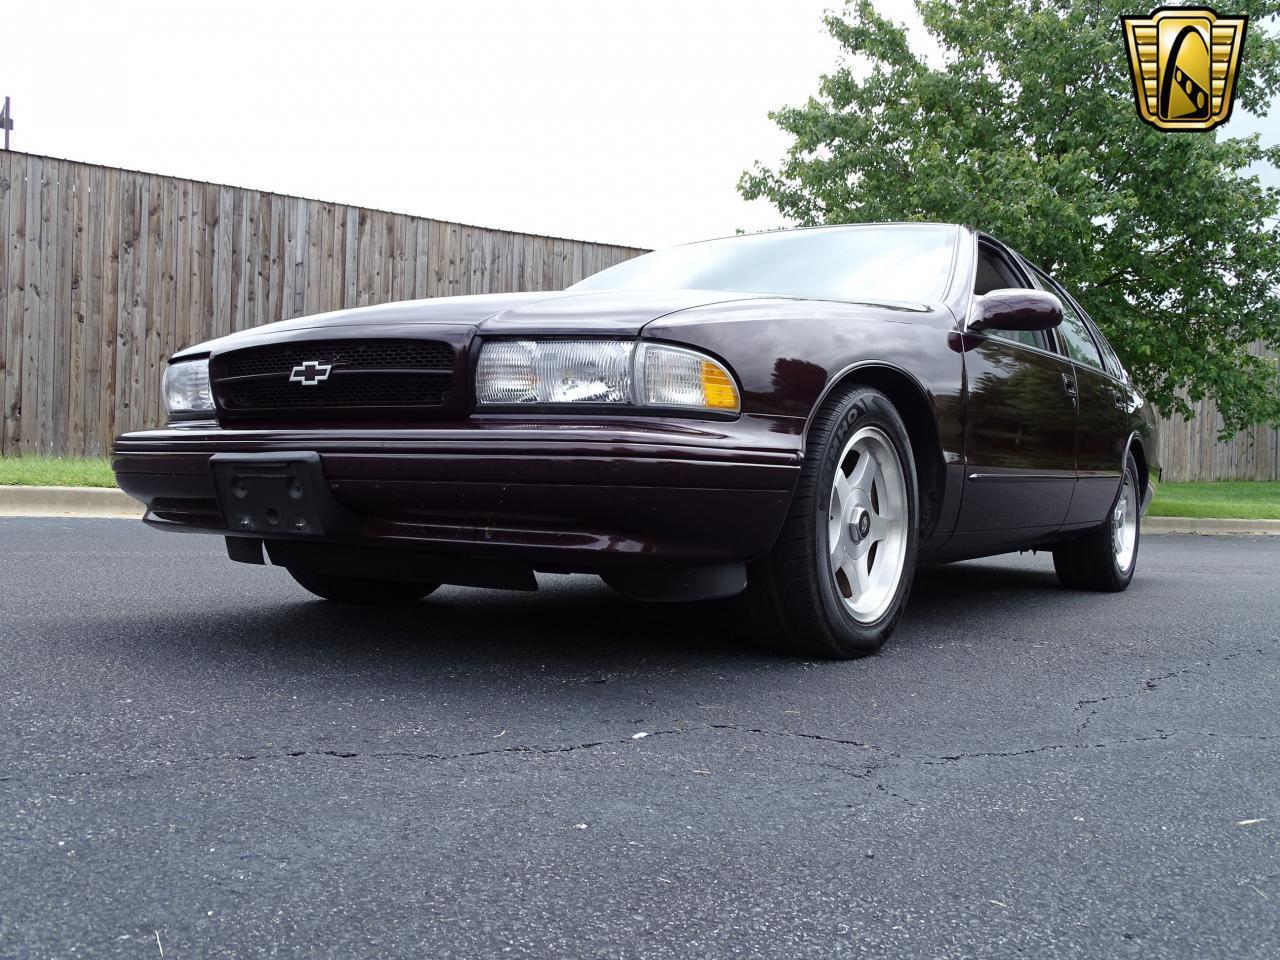 Large Picture of '96 Impala located in O'Fallon Illinois - $19,000.00 - QB5K